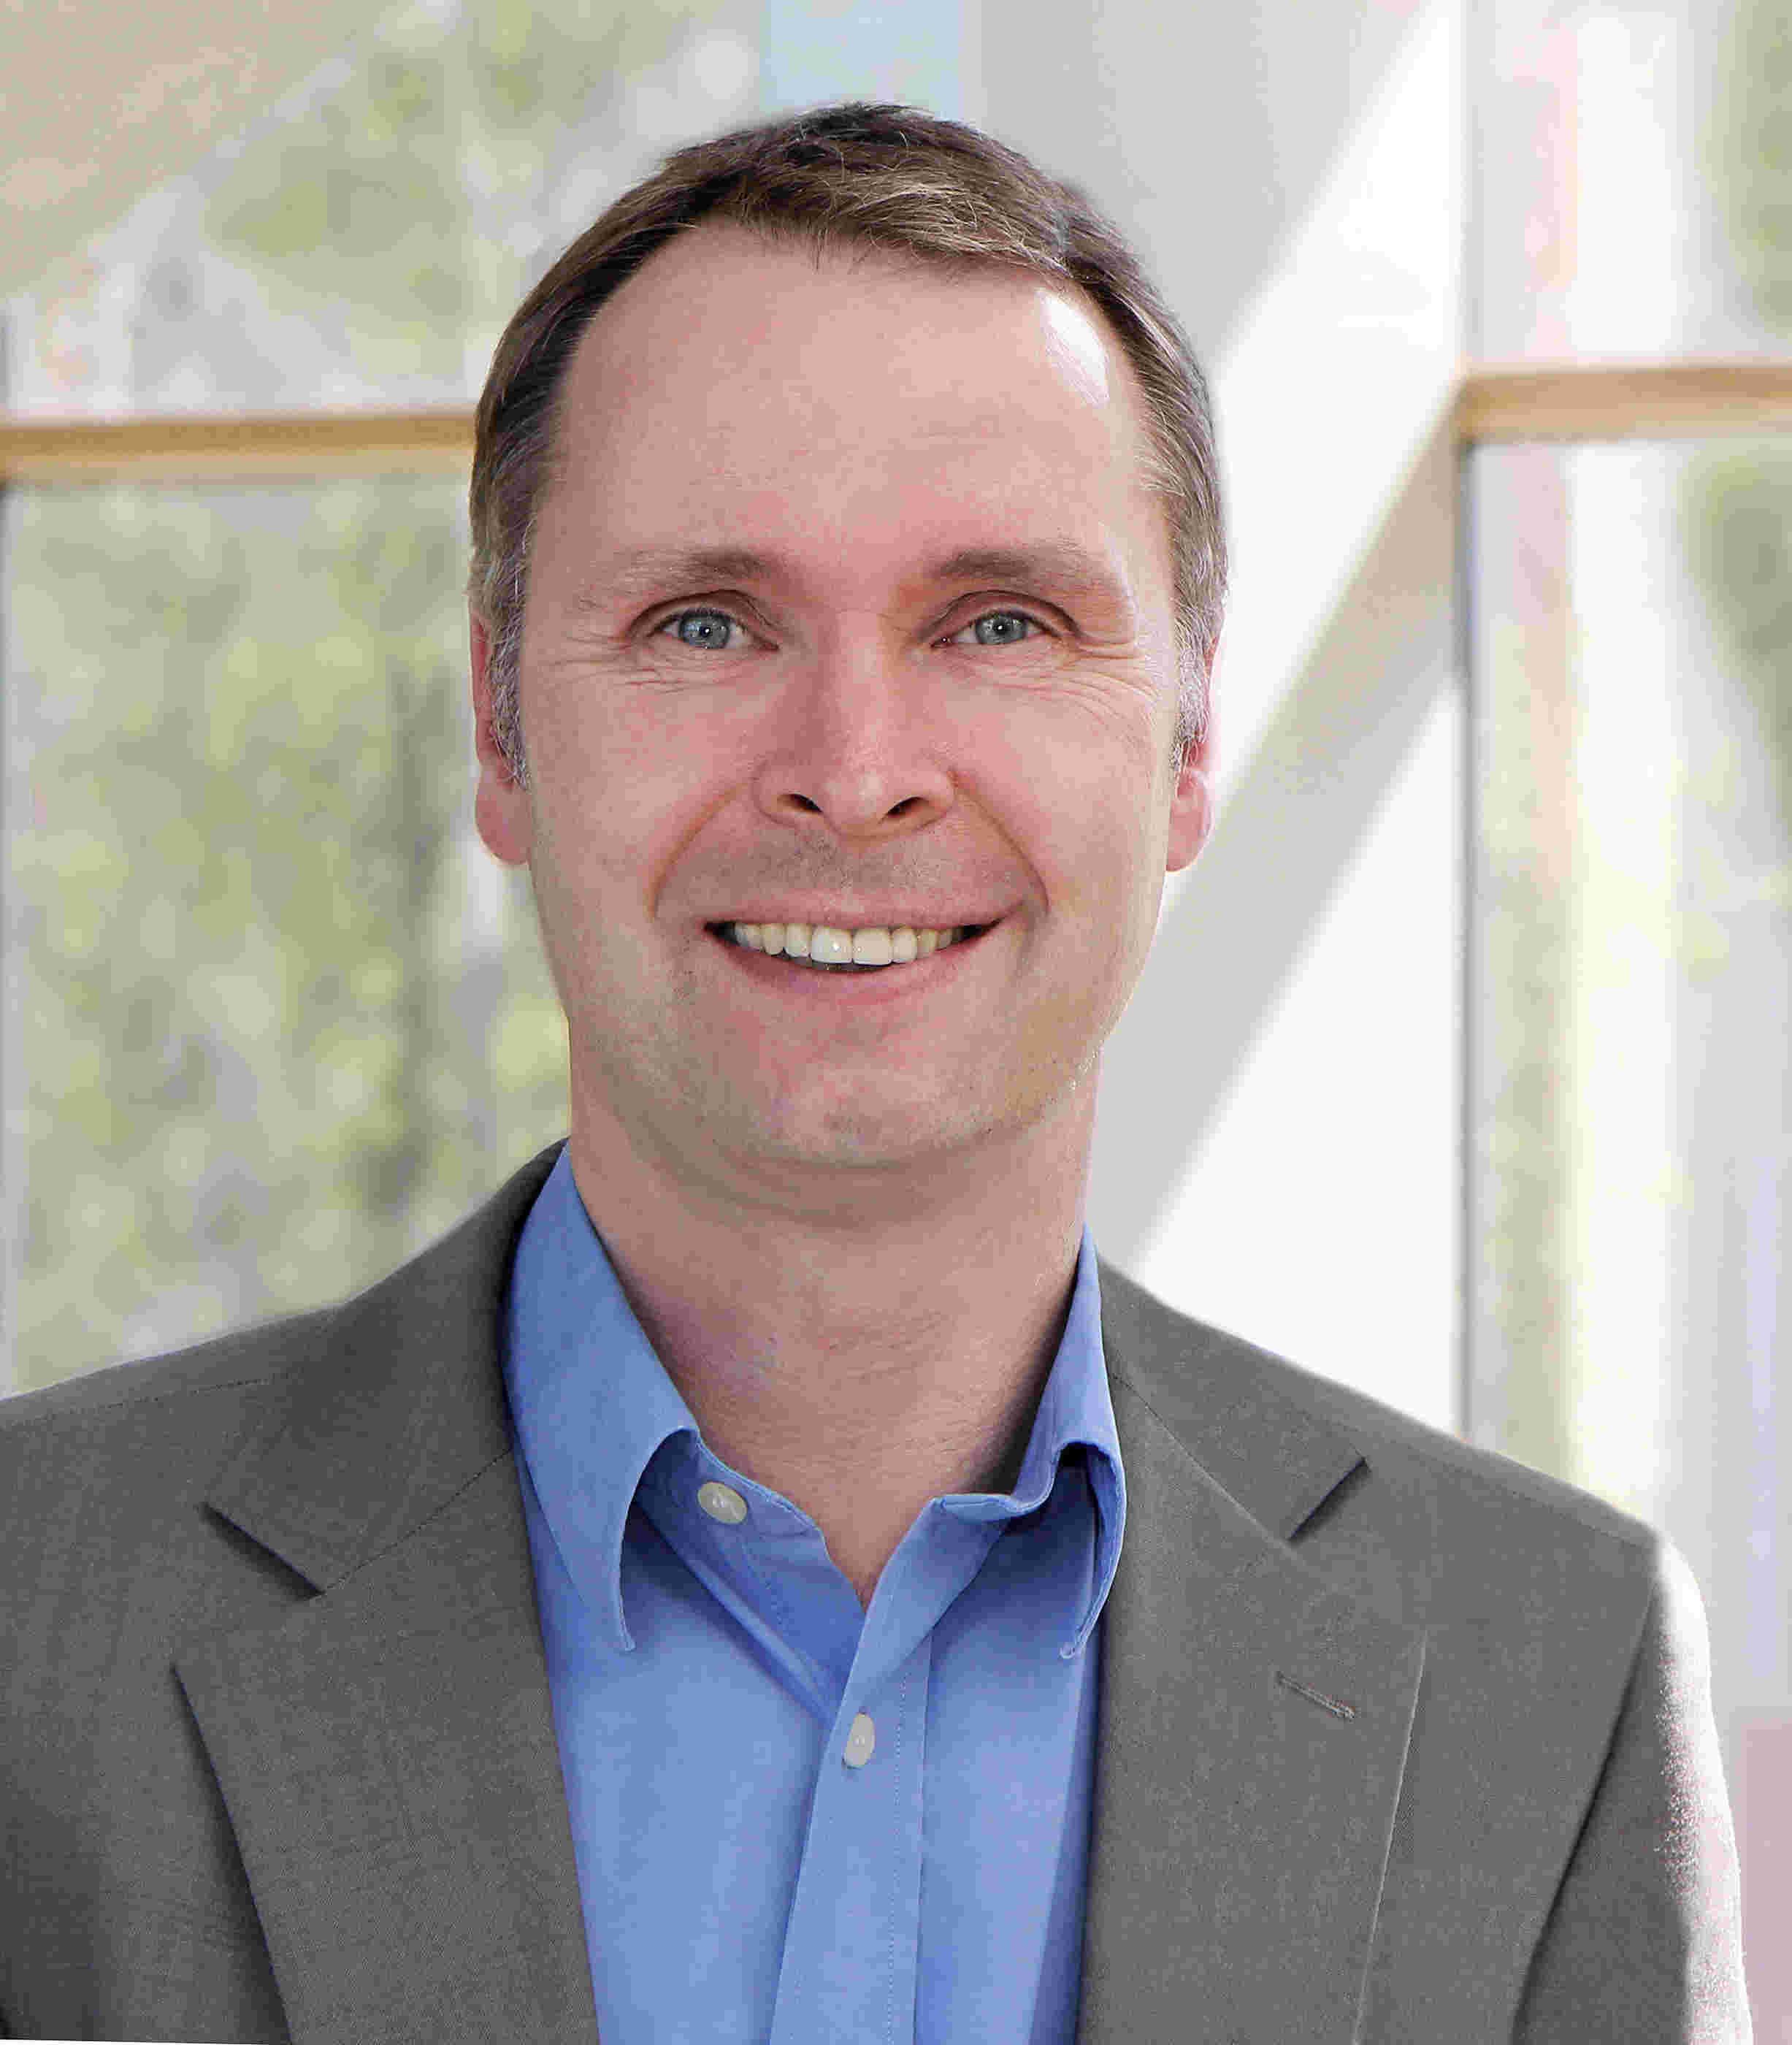 Portrait of Volker Haucke